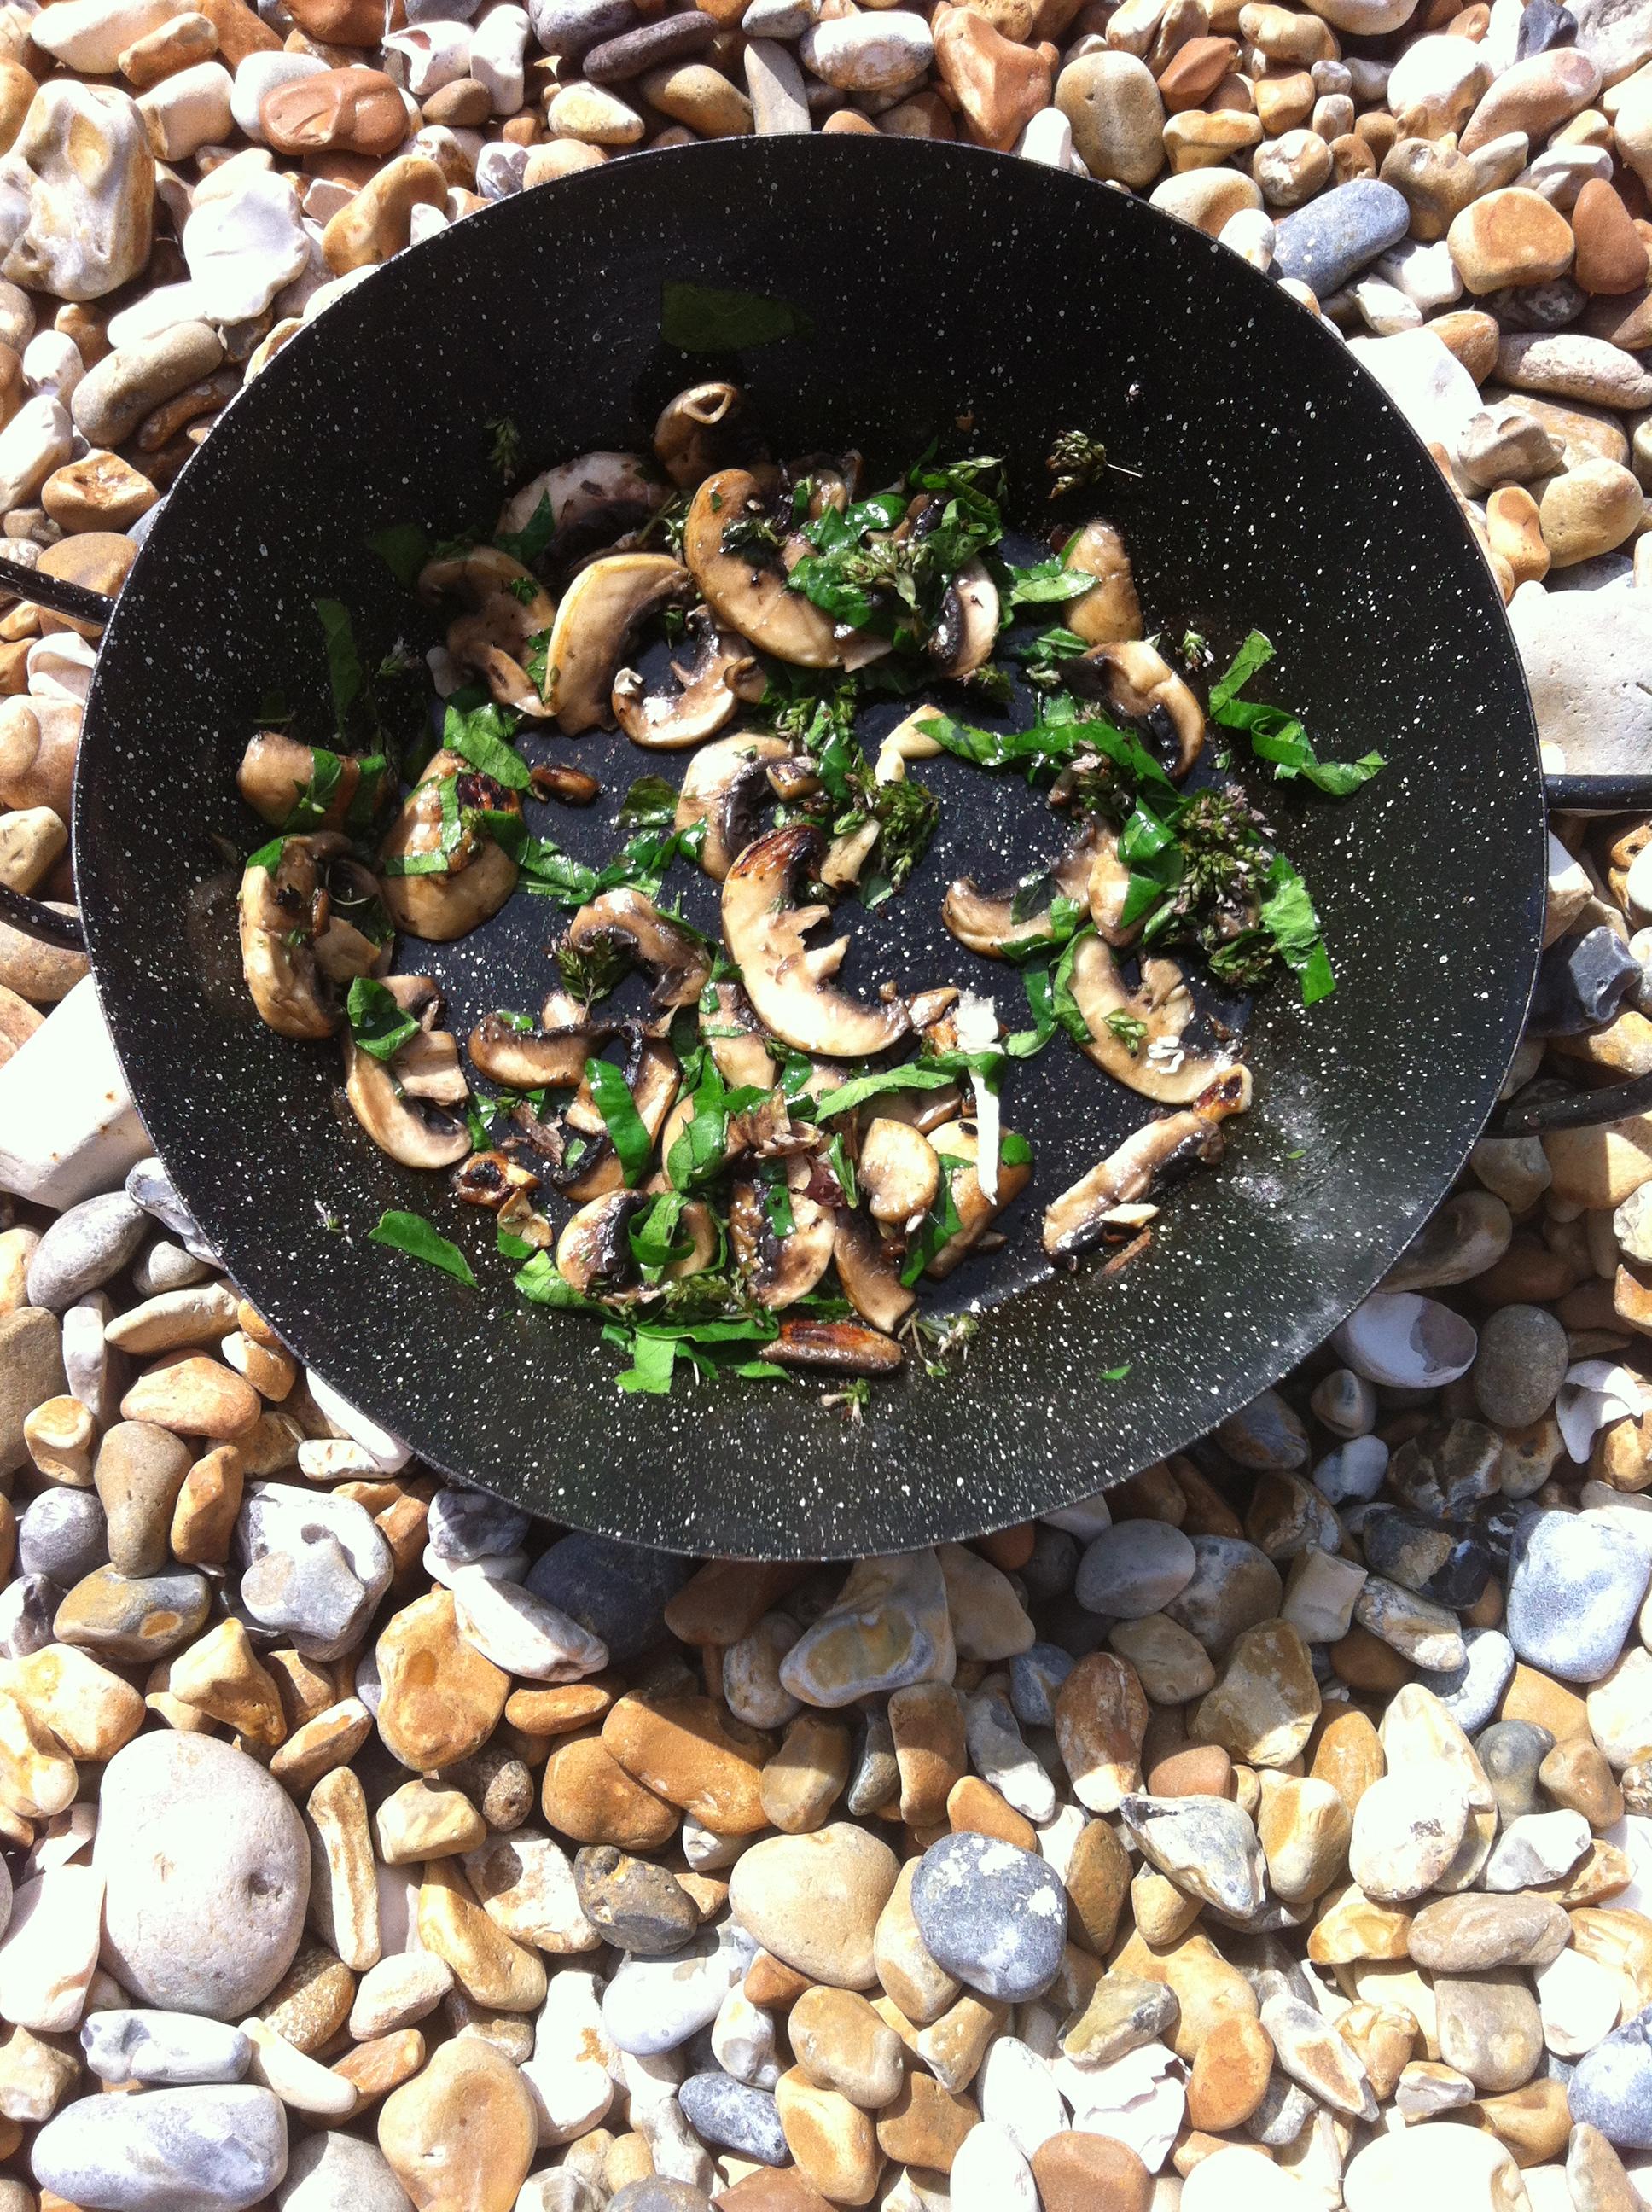 Beachhutcook's Mushroom and Nasturtium Leaves on Toast